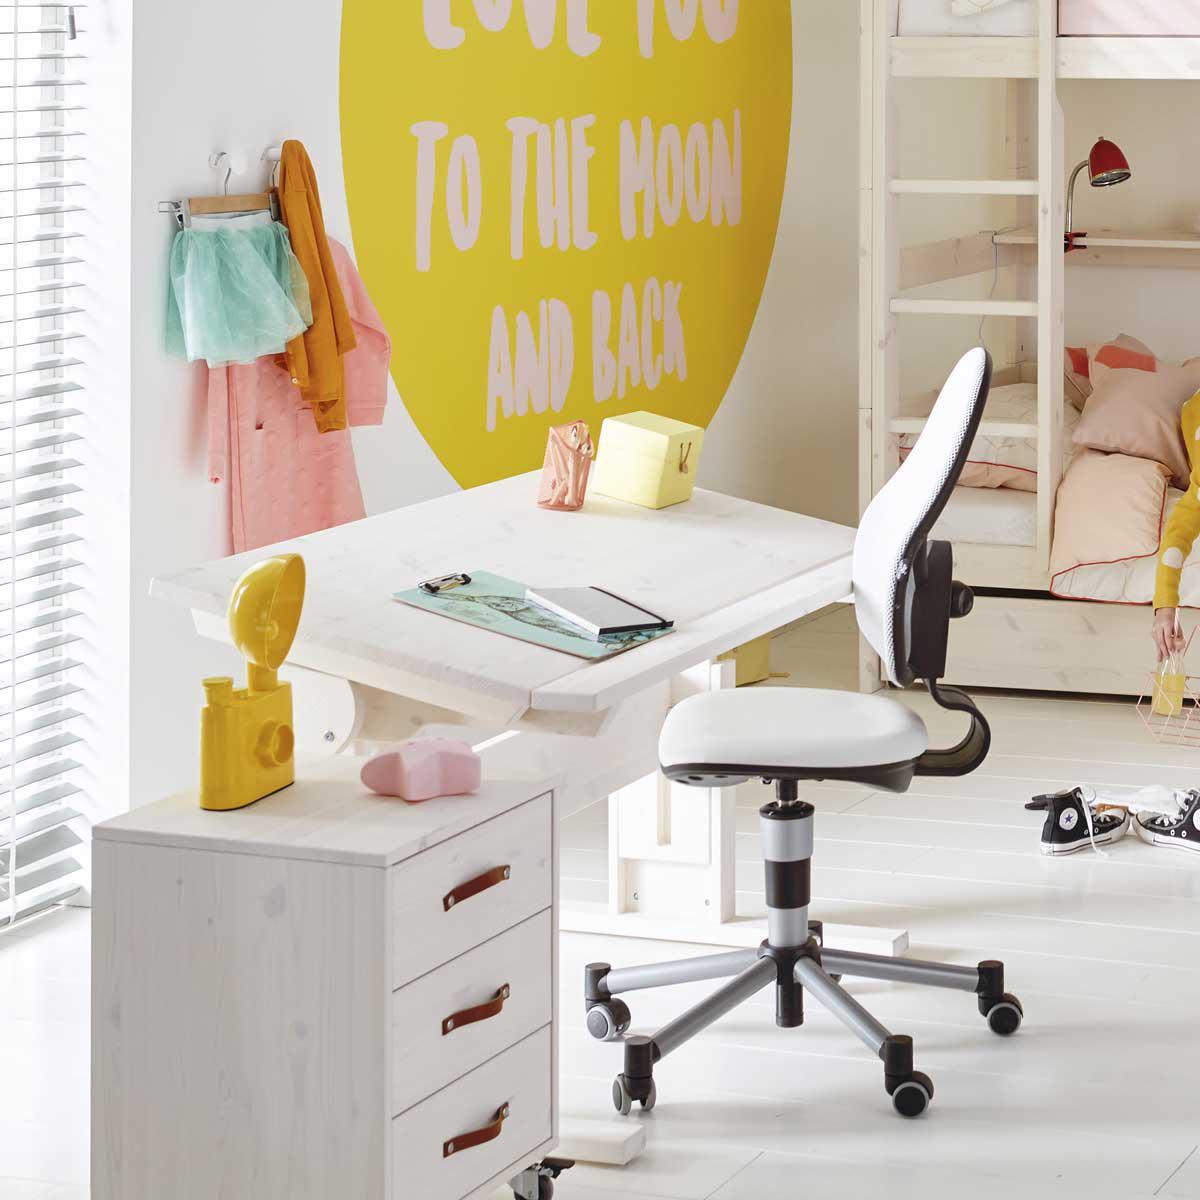 Schreibtisch höhenverstellbar+neibar + 1 Schublade Lifetime whitewash